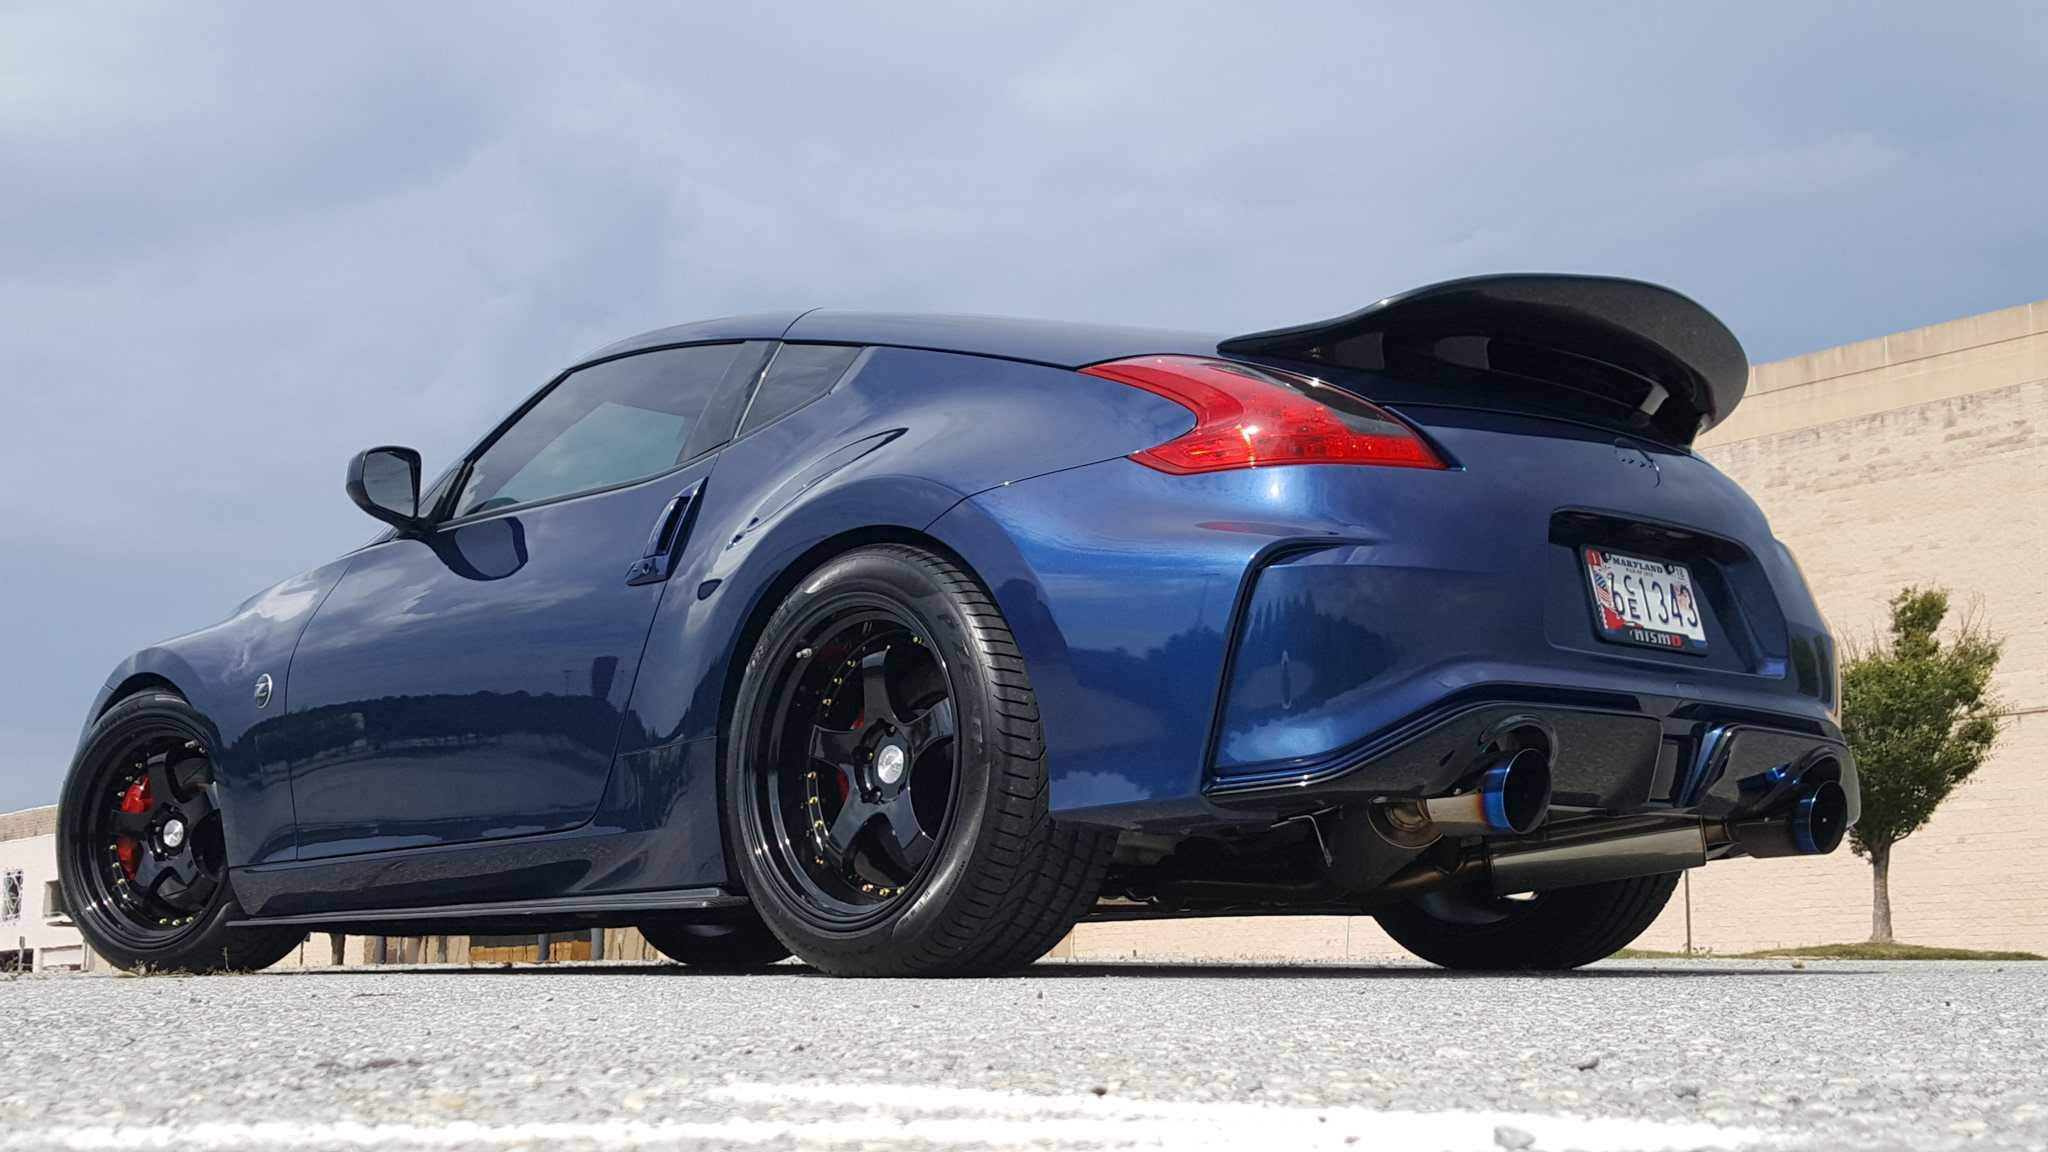 Nissan представил долгожданный спорткар proto z